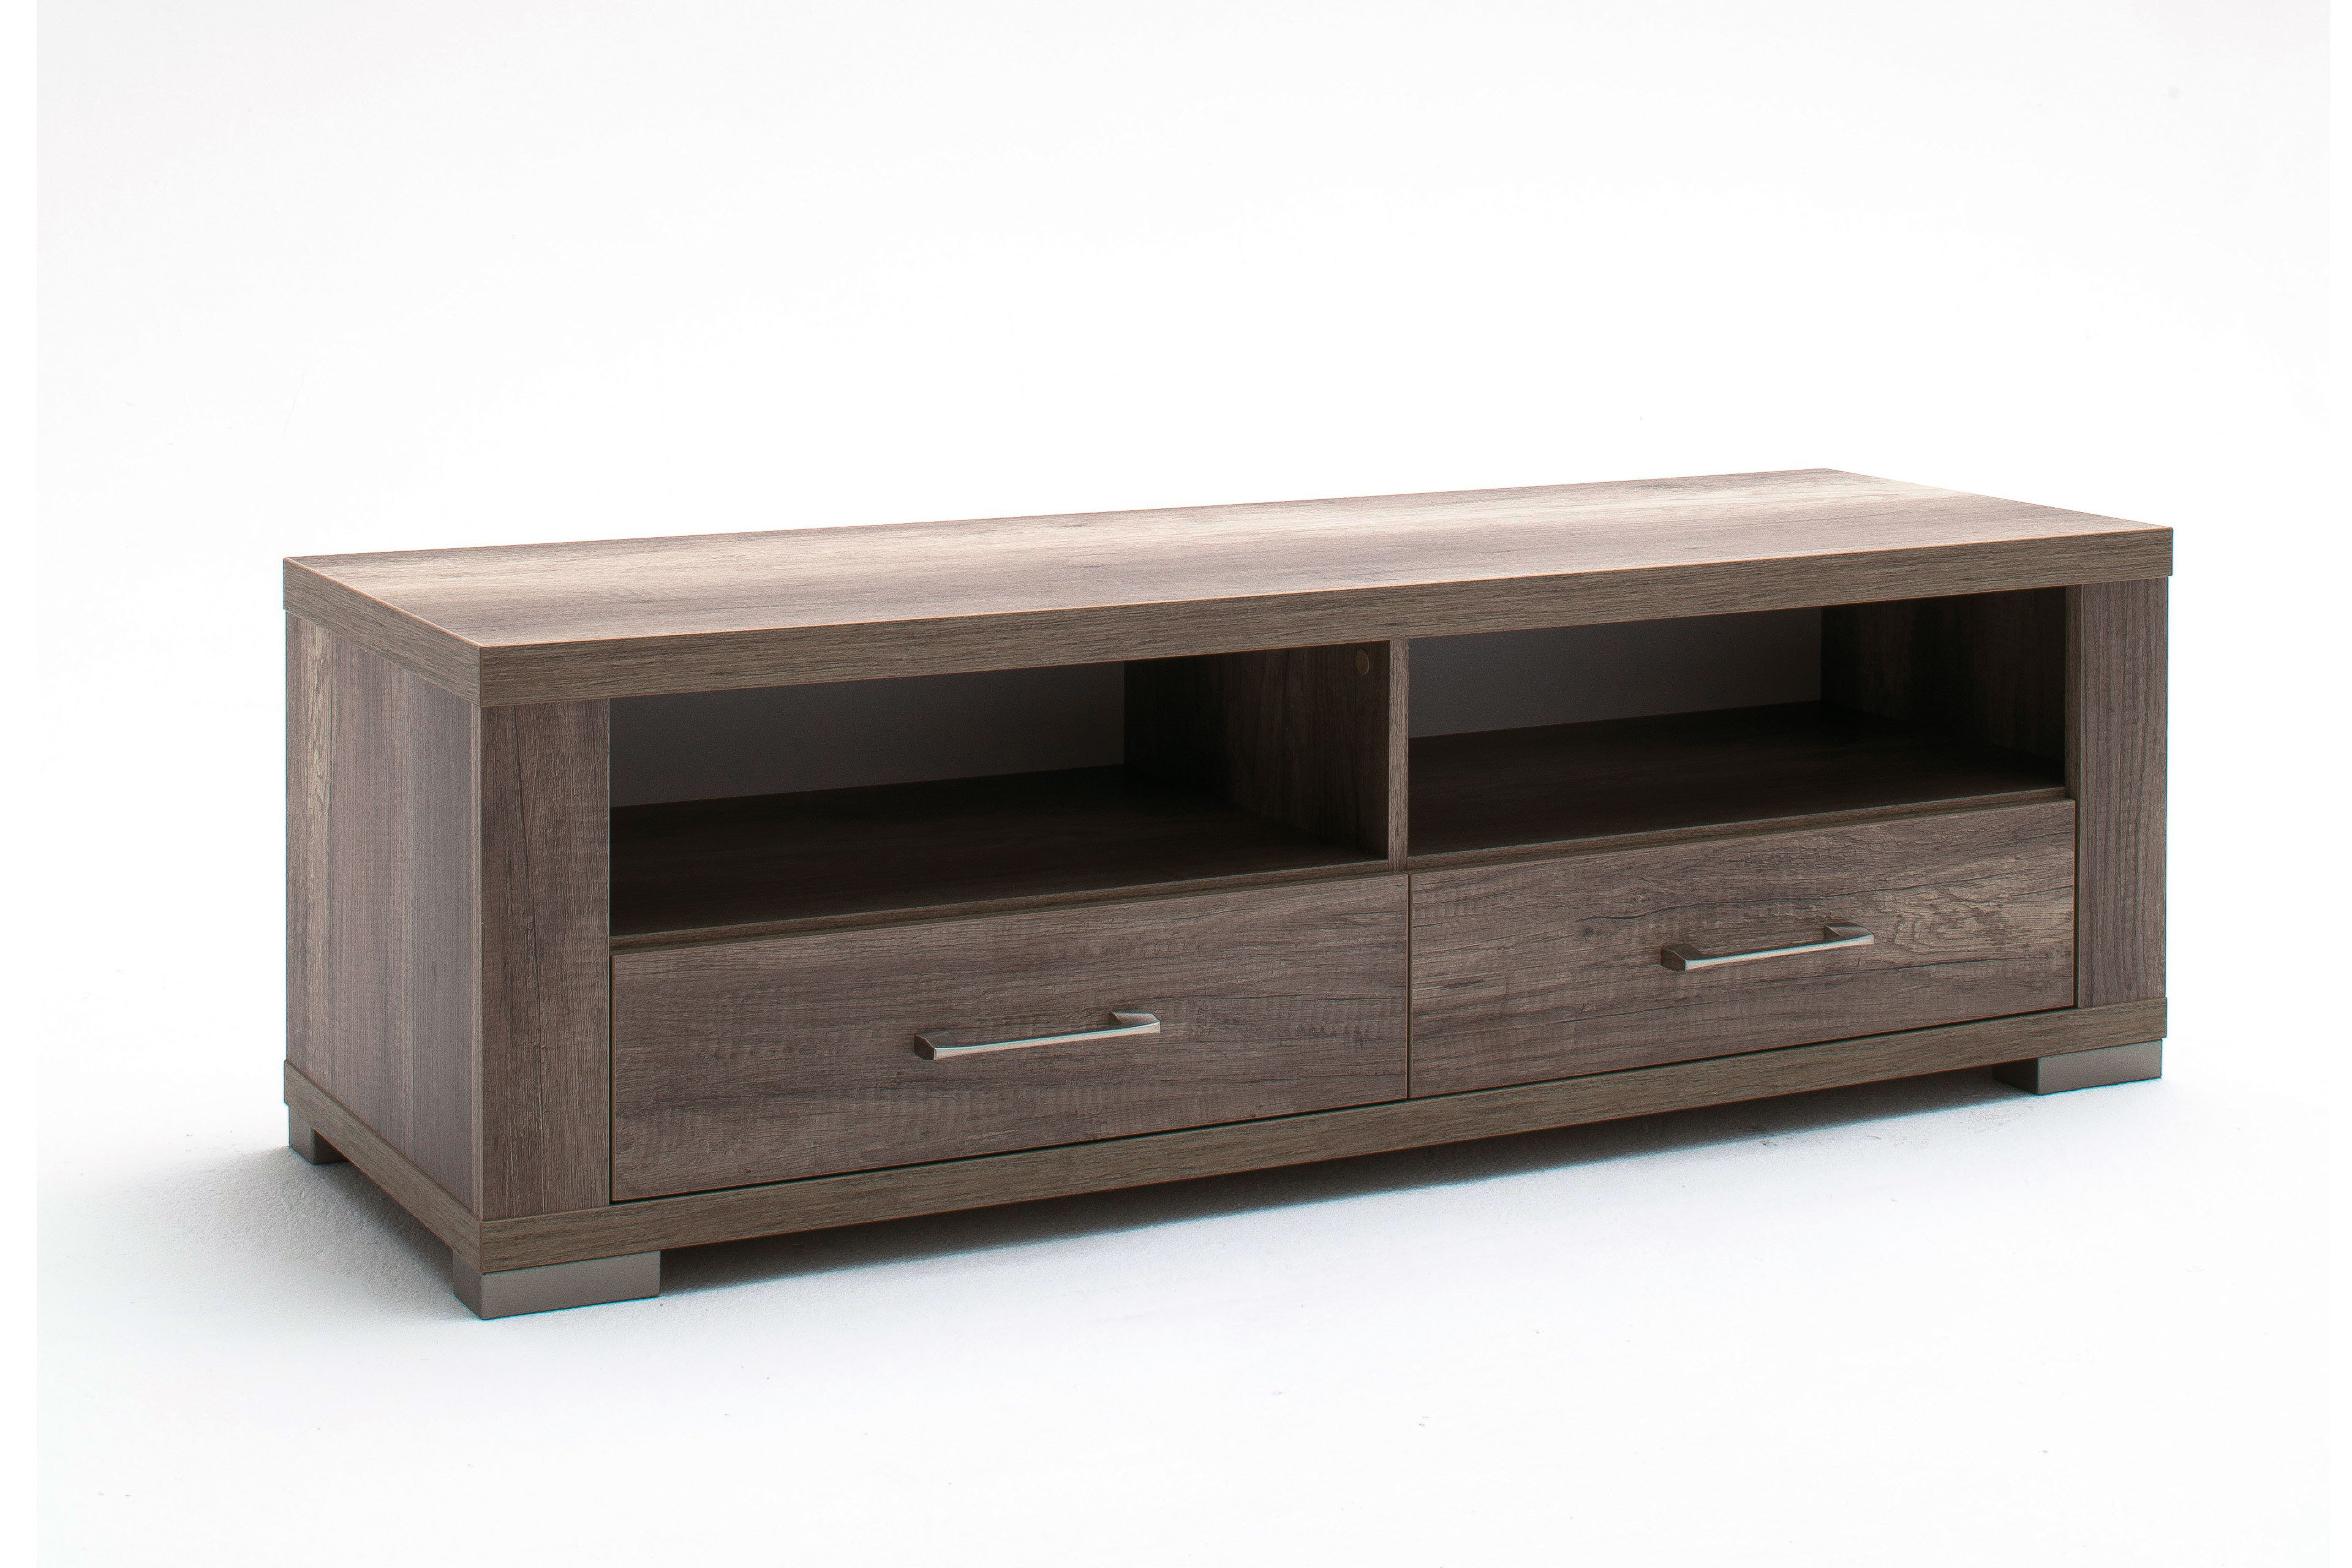 m usbacher wohnwand mit couchtisch matti wildeiche tr ffel m bel letz ihr online shop. Black Bedroom Furniture Sets. Home Design Ideas